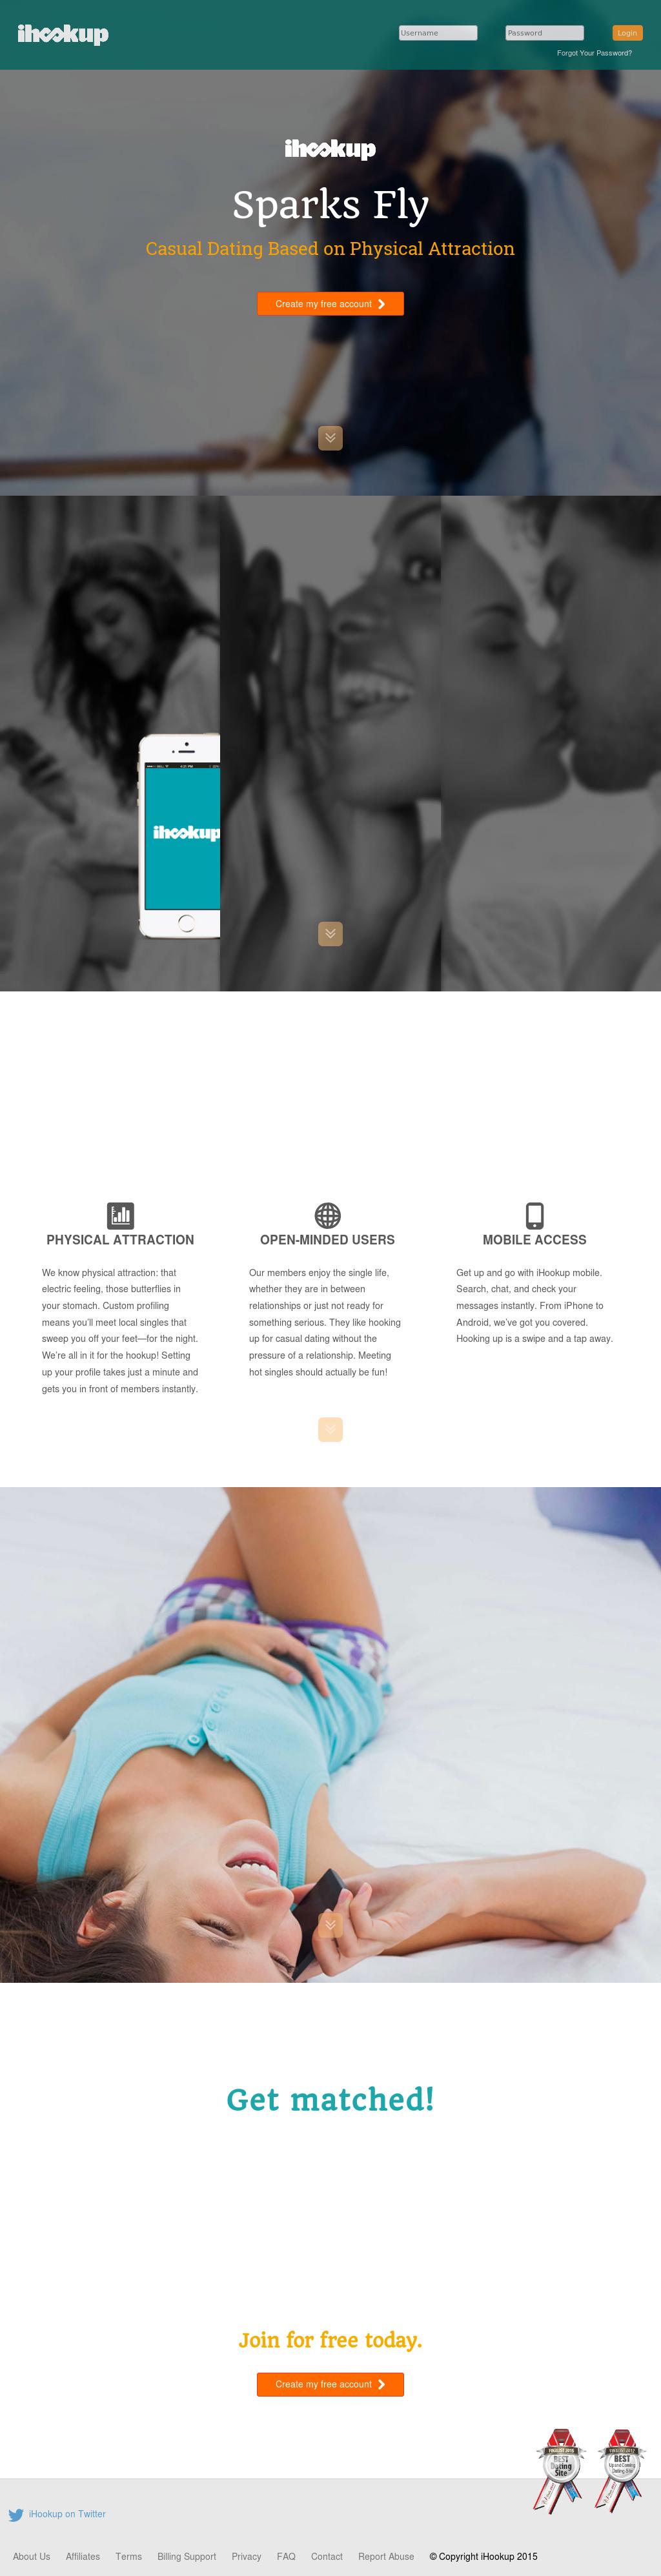 Ihookup website